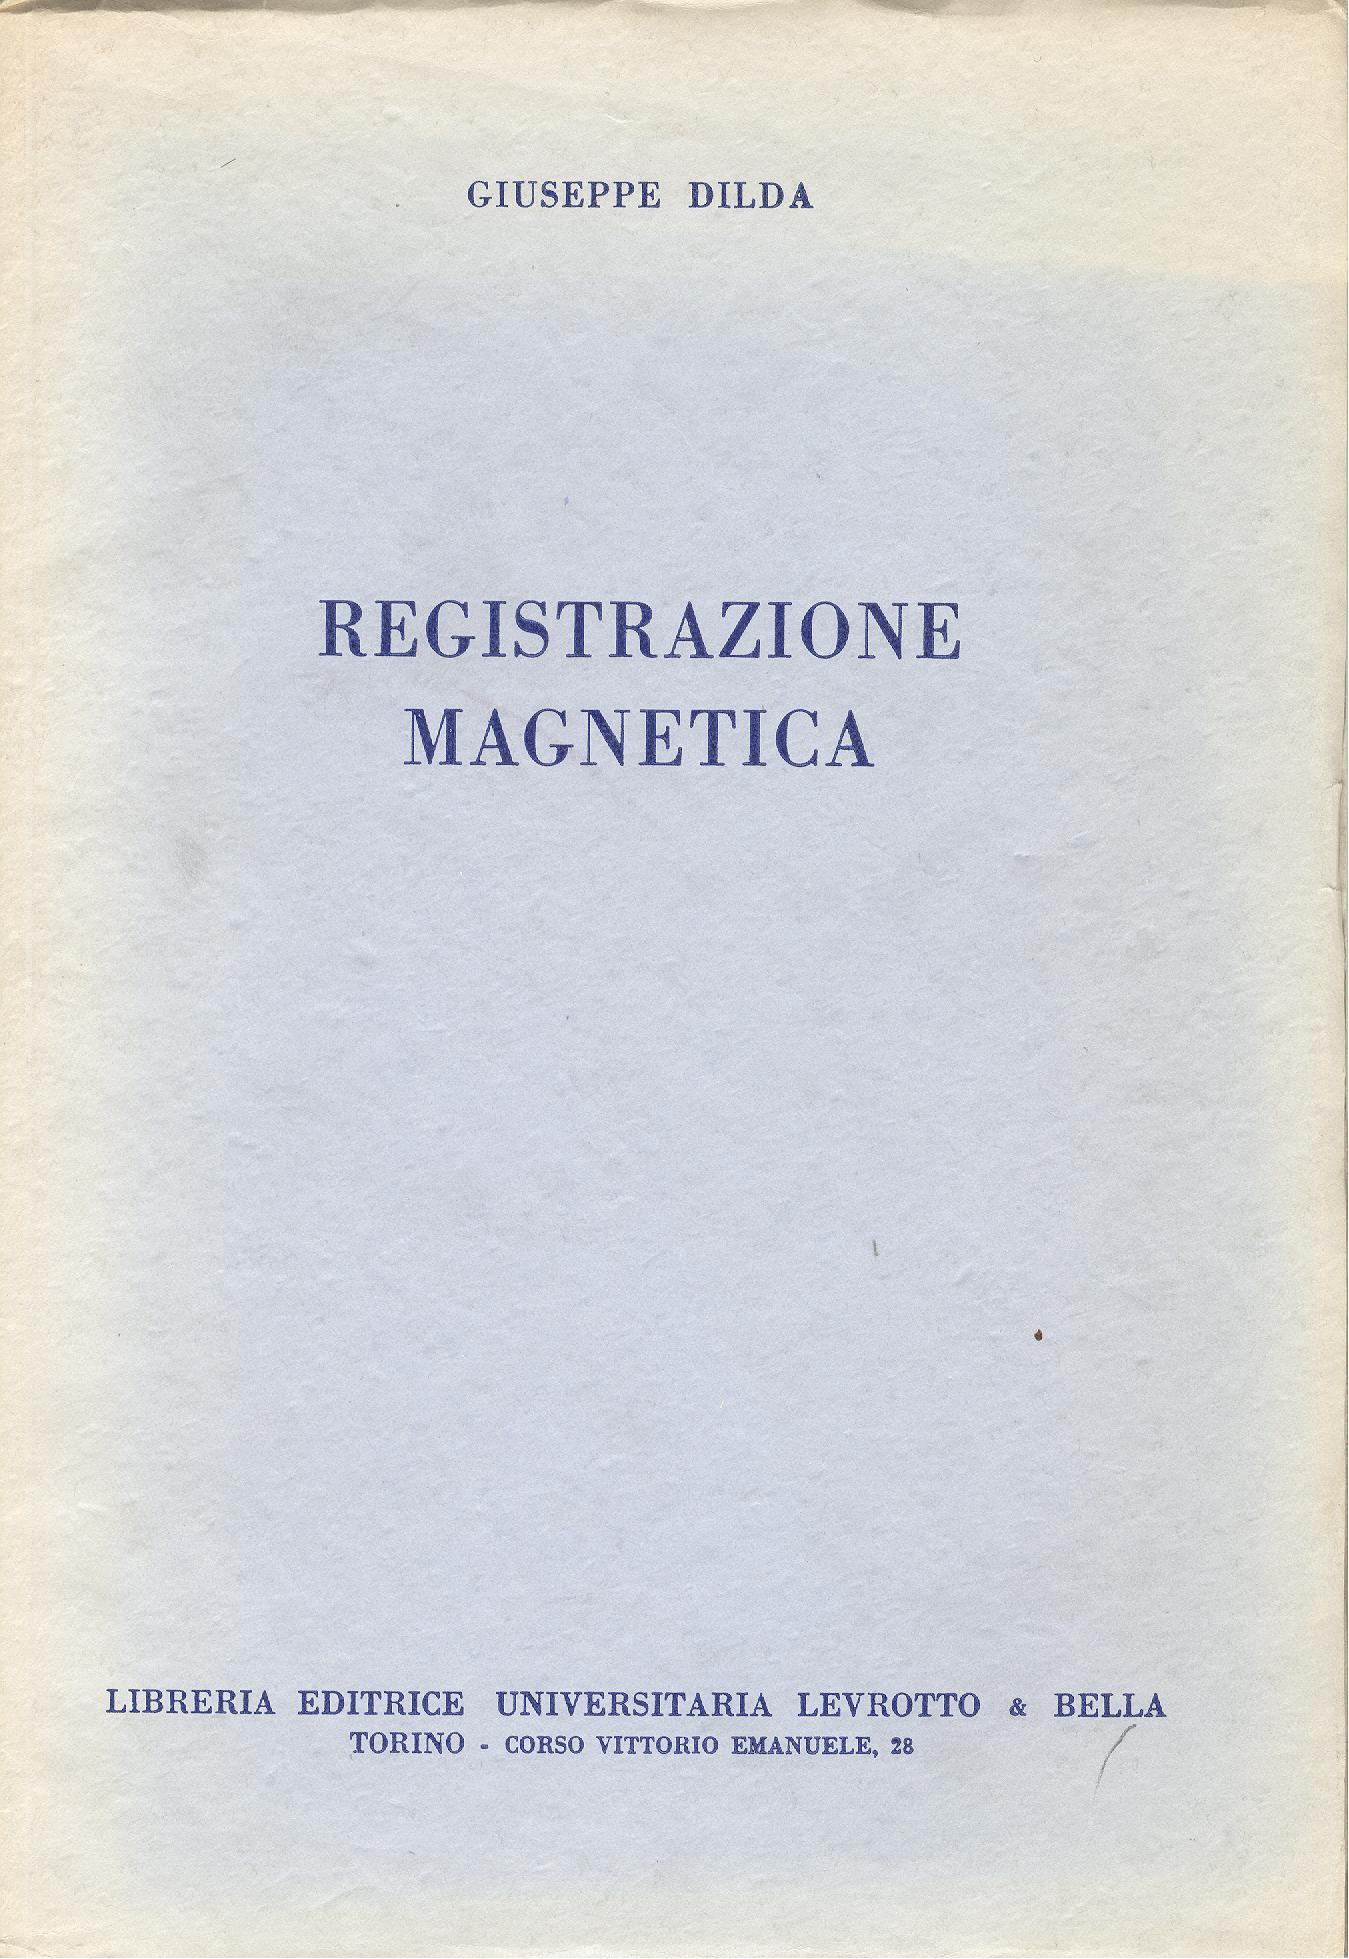 Registrazione magnetica